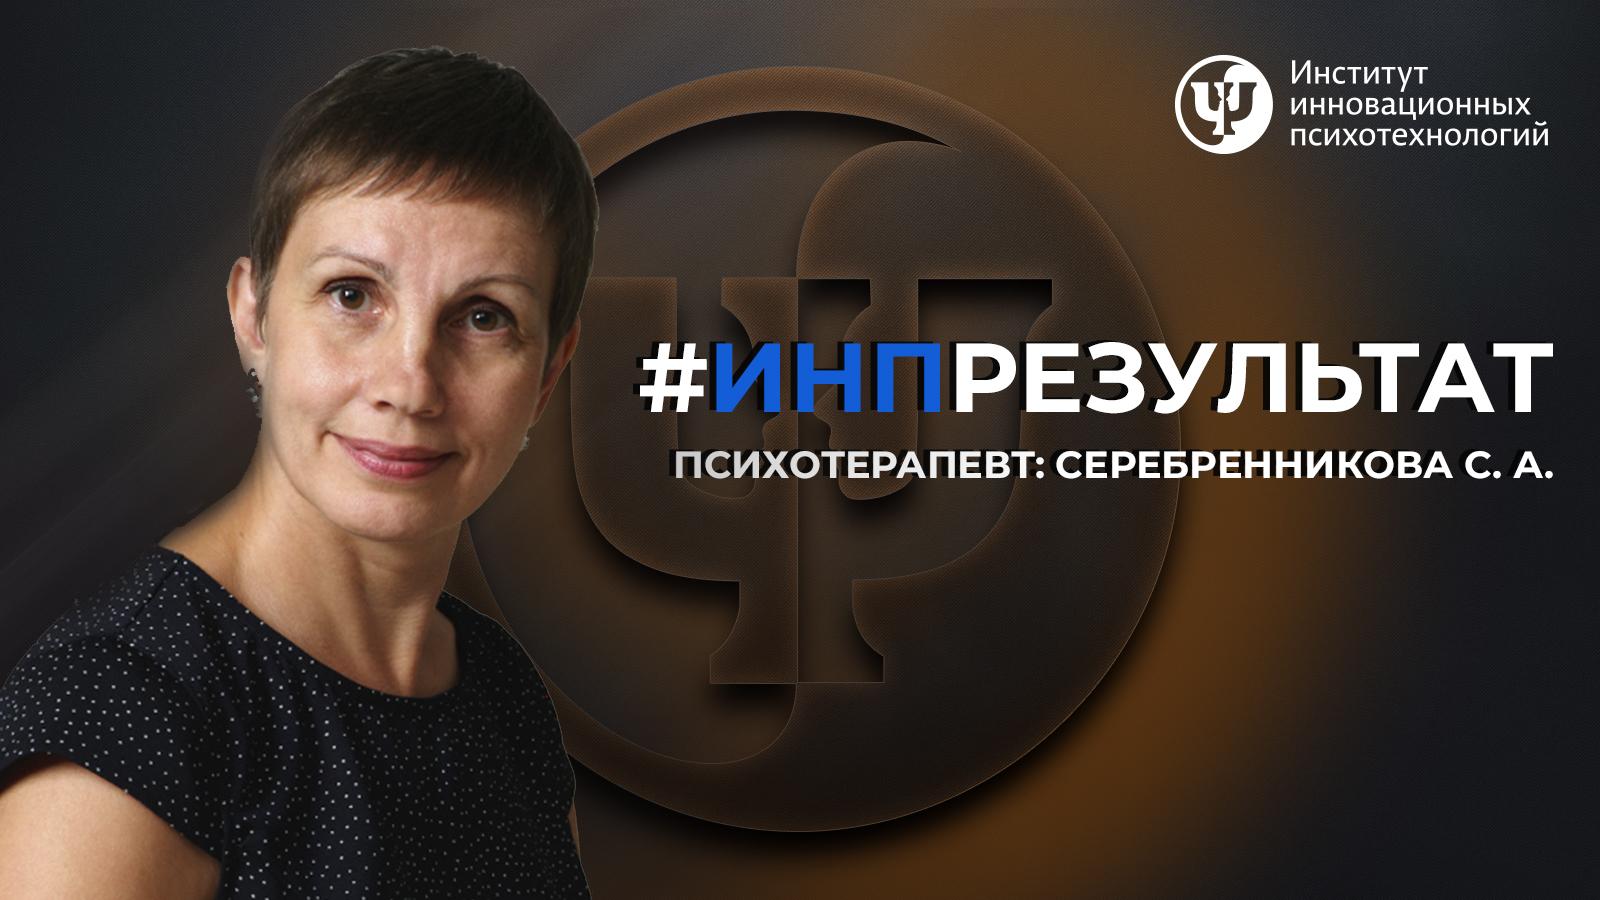 Серебренникова Светлана психотерапевт отзыв